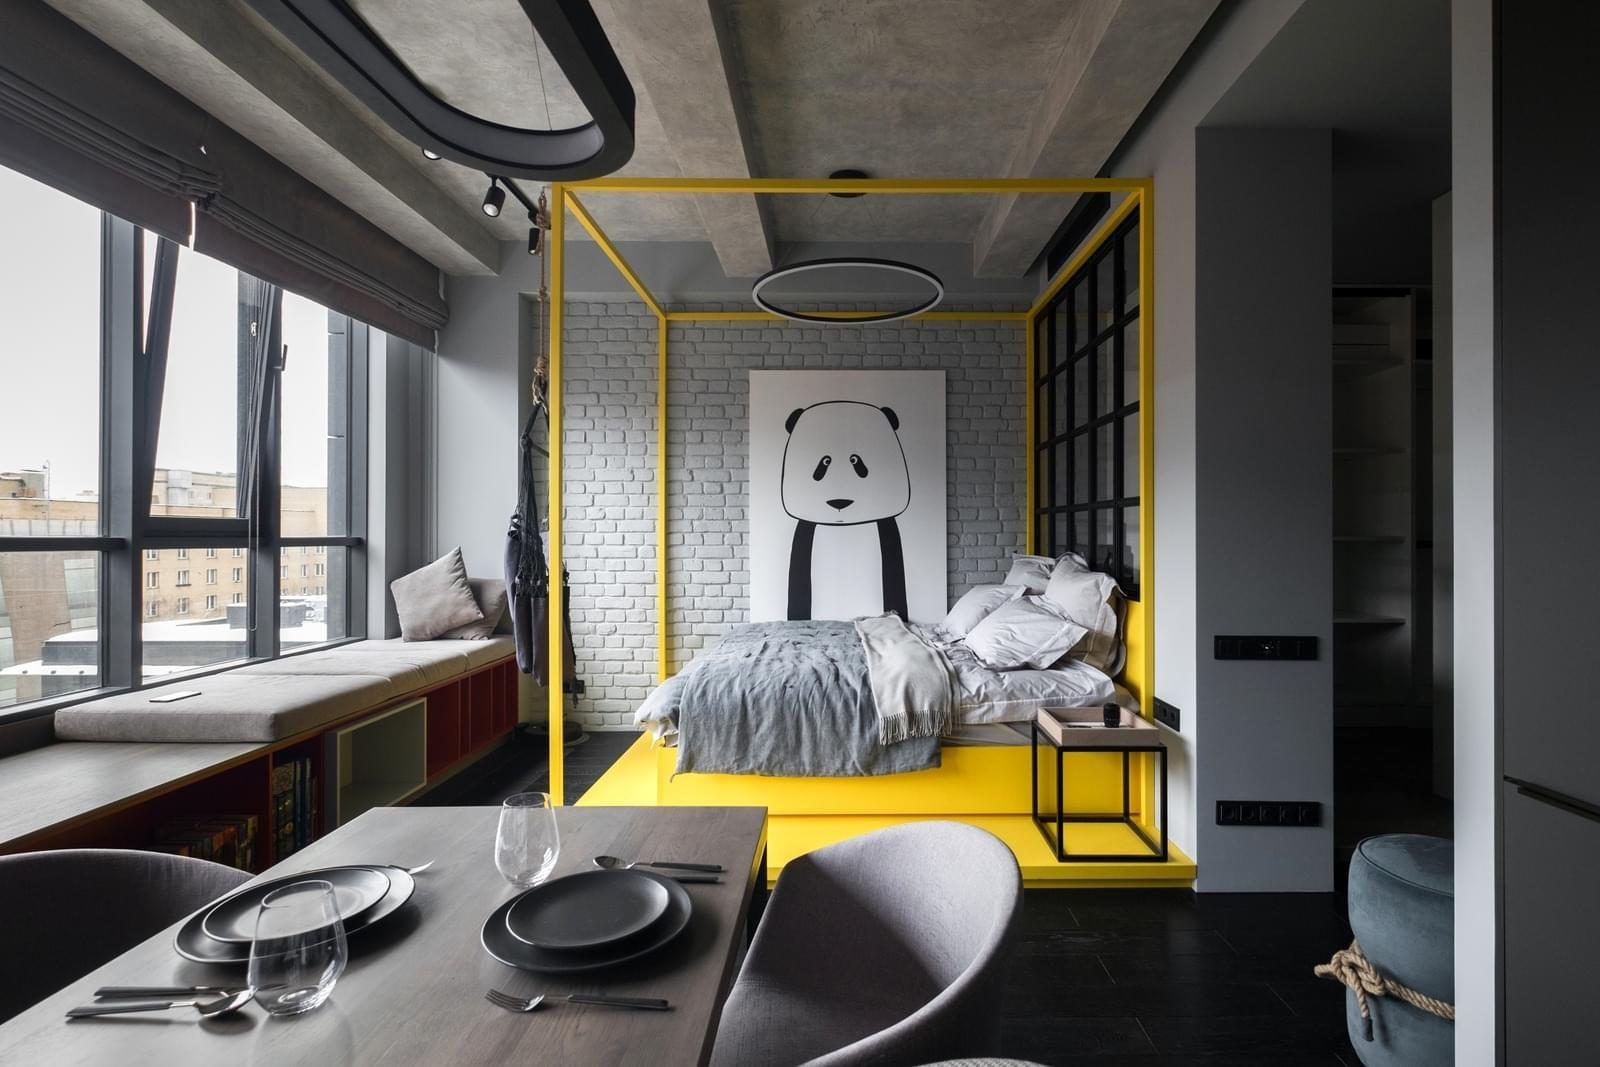 Едностаен апартамент в стил лофт в Москва